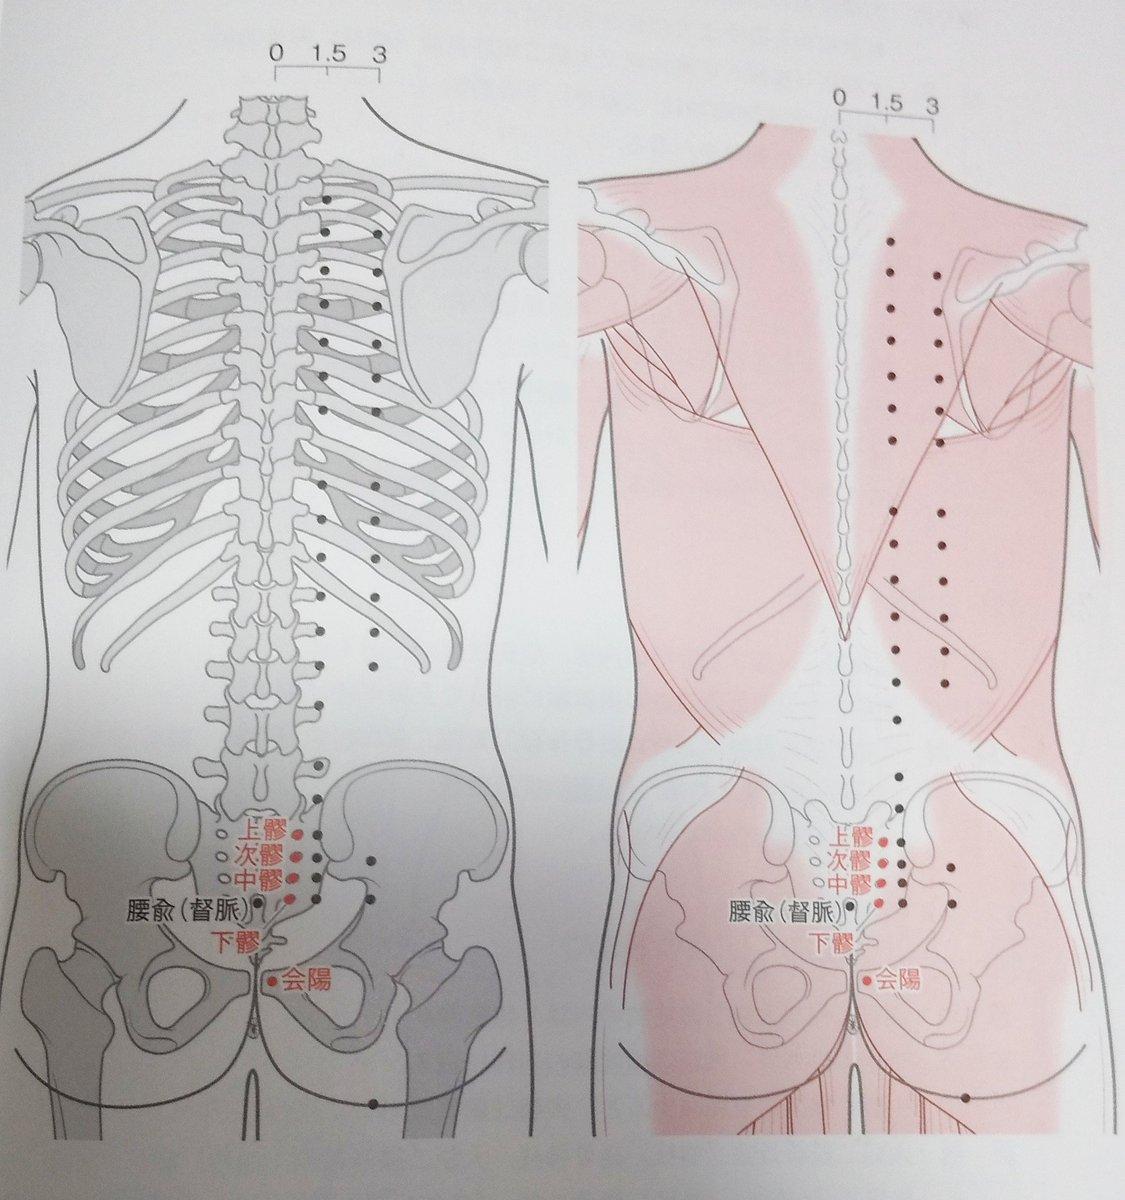 🔸上髎:膀胱経  ・仙骨部、第1後仙骨孔  ・腰背腱膜  ・仙棘筋>脊髄神経後枝  ・感覚神経>中殿皮神経  ・血管>外側仙骨動脈  ・主治>遺精、陽萎、小便不利、淋濁、白帯/赤帯、月経不順、痛経、不妊、仙骨部の強ばり/痛み、腿膝無力/疼痛